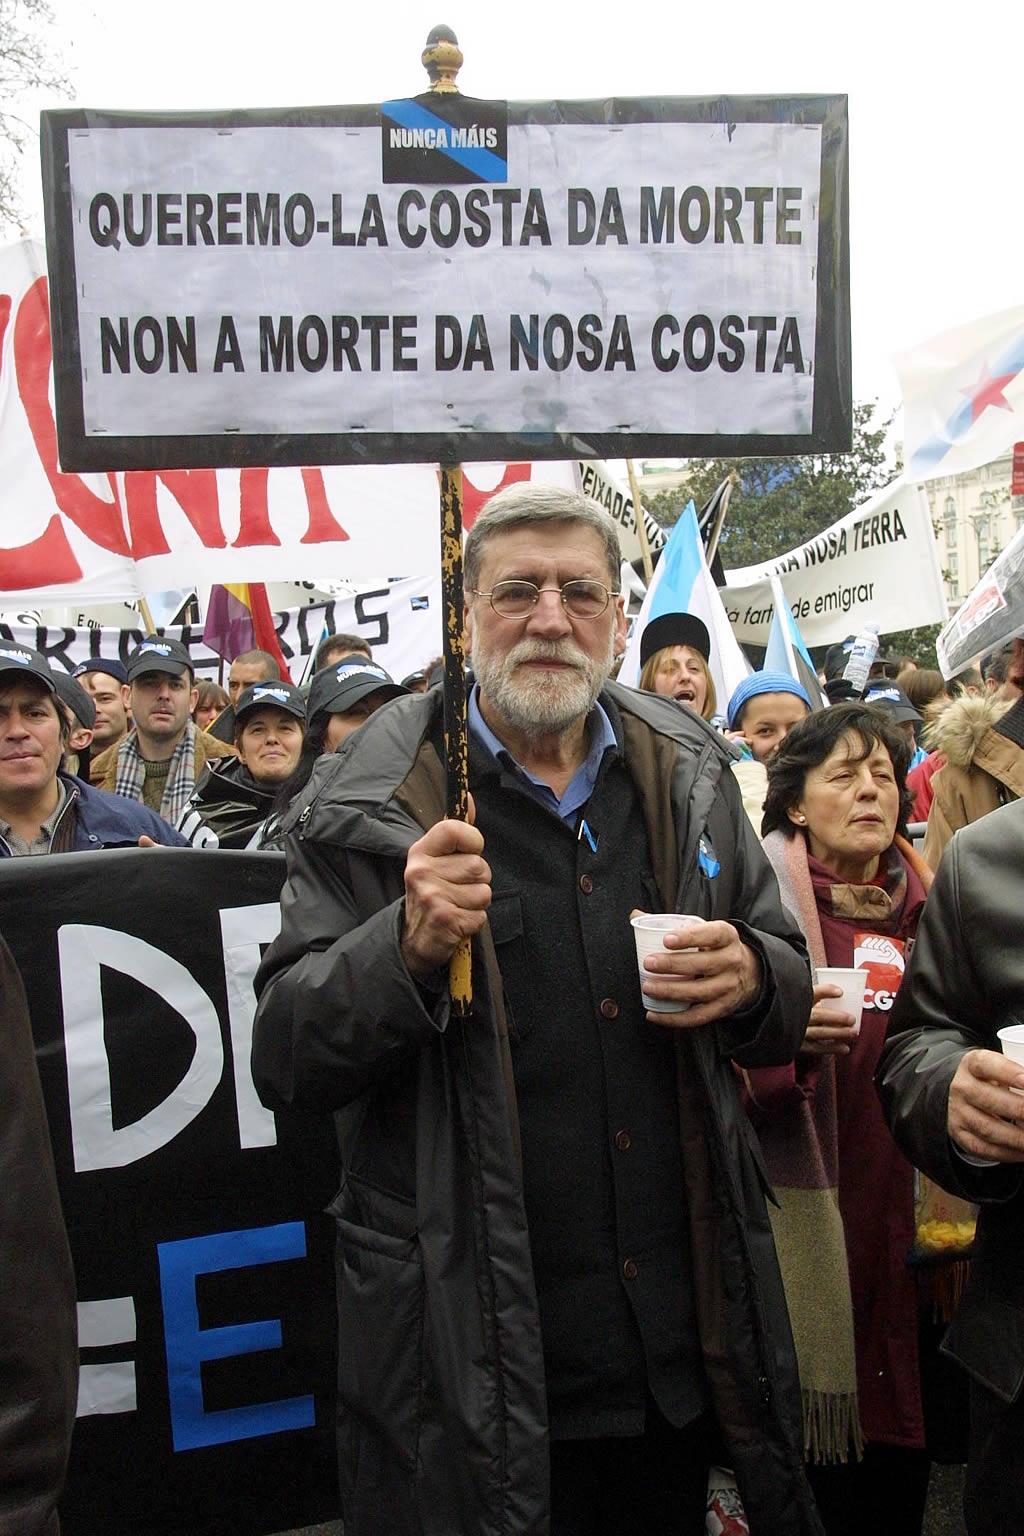 El humorista Xosé Luis Bernal, «Farruco», en la manifestación. <br><b>José Manuel Casal</b>